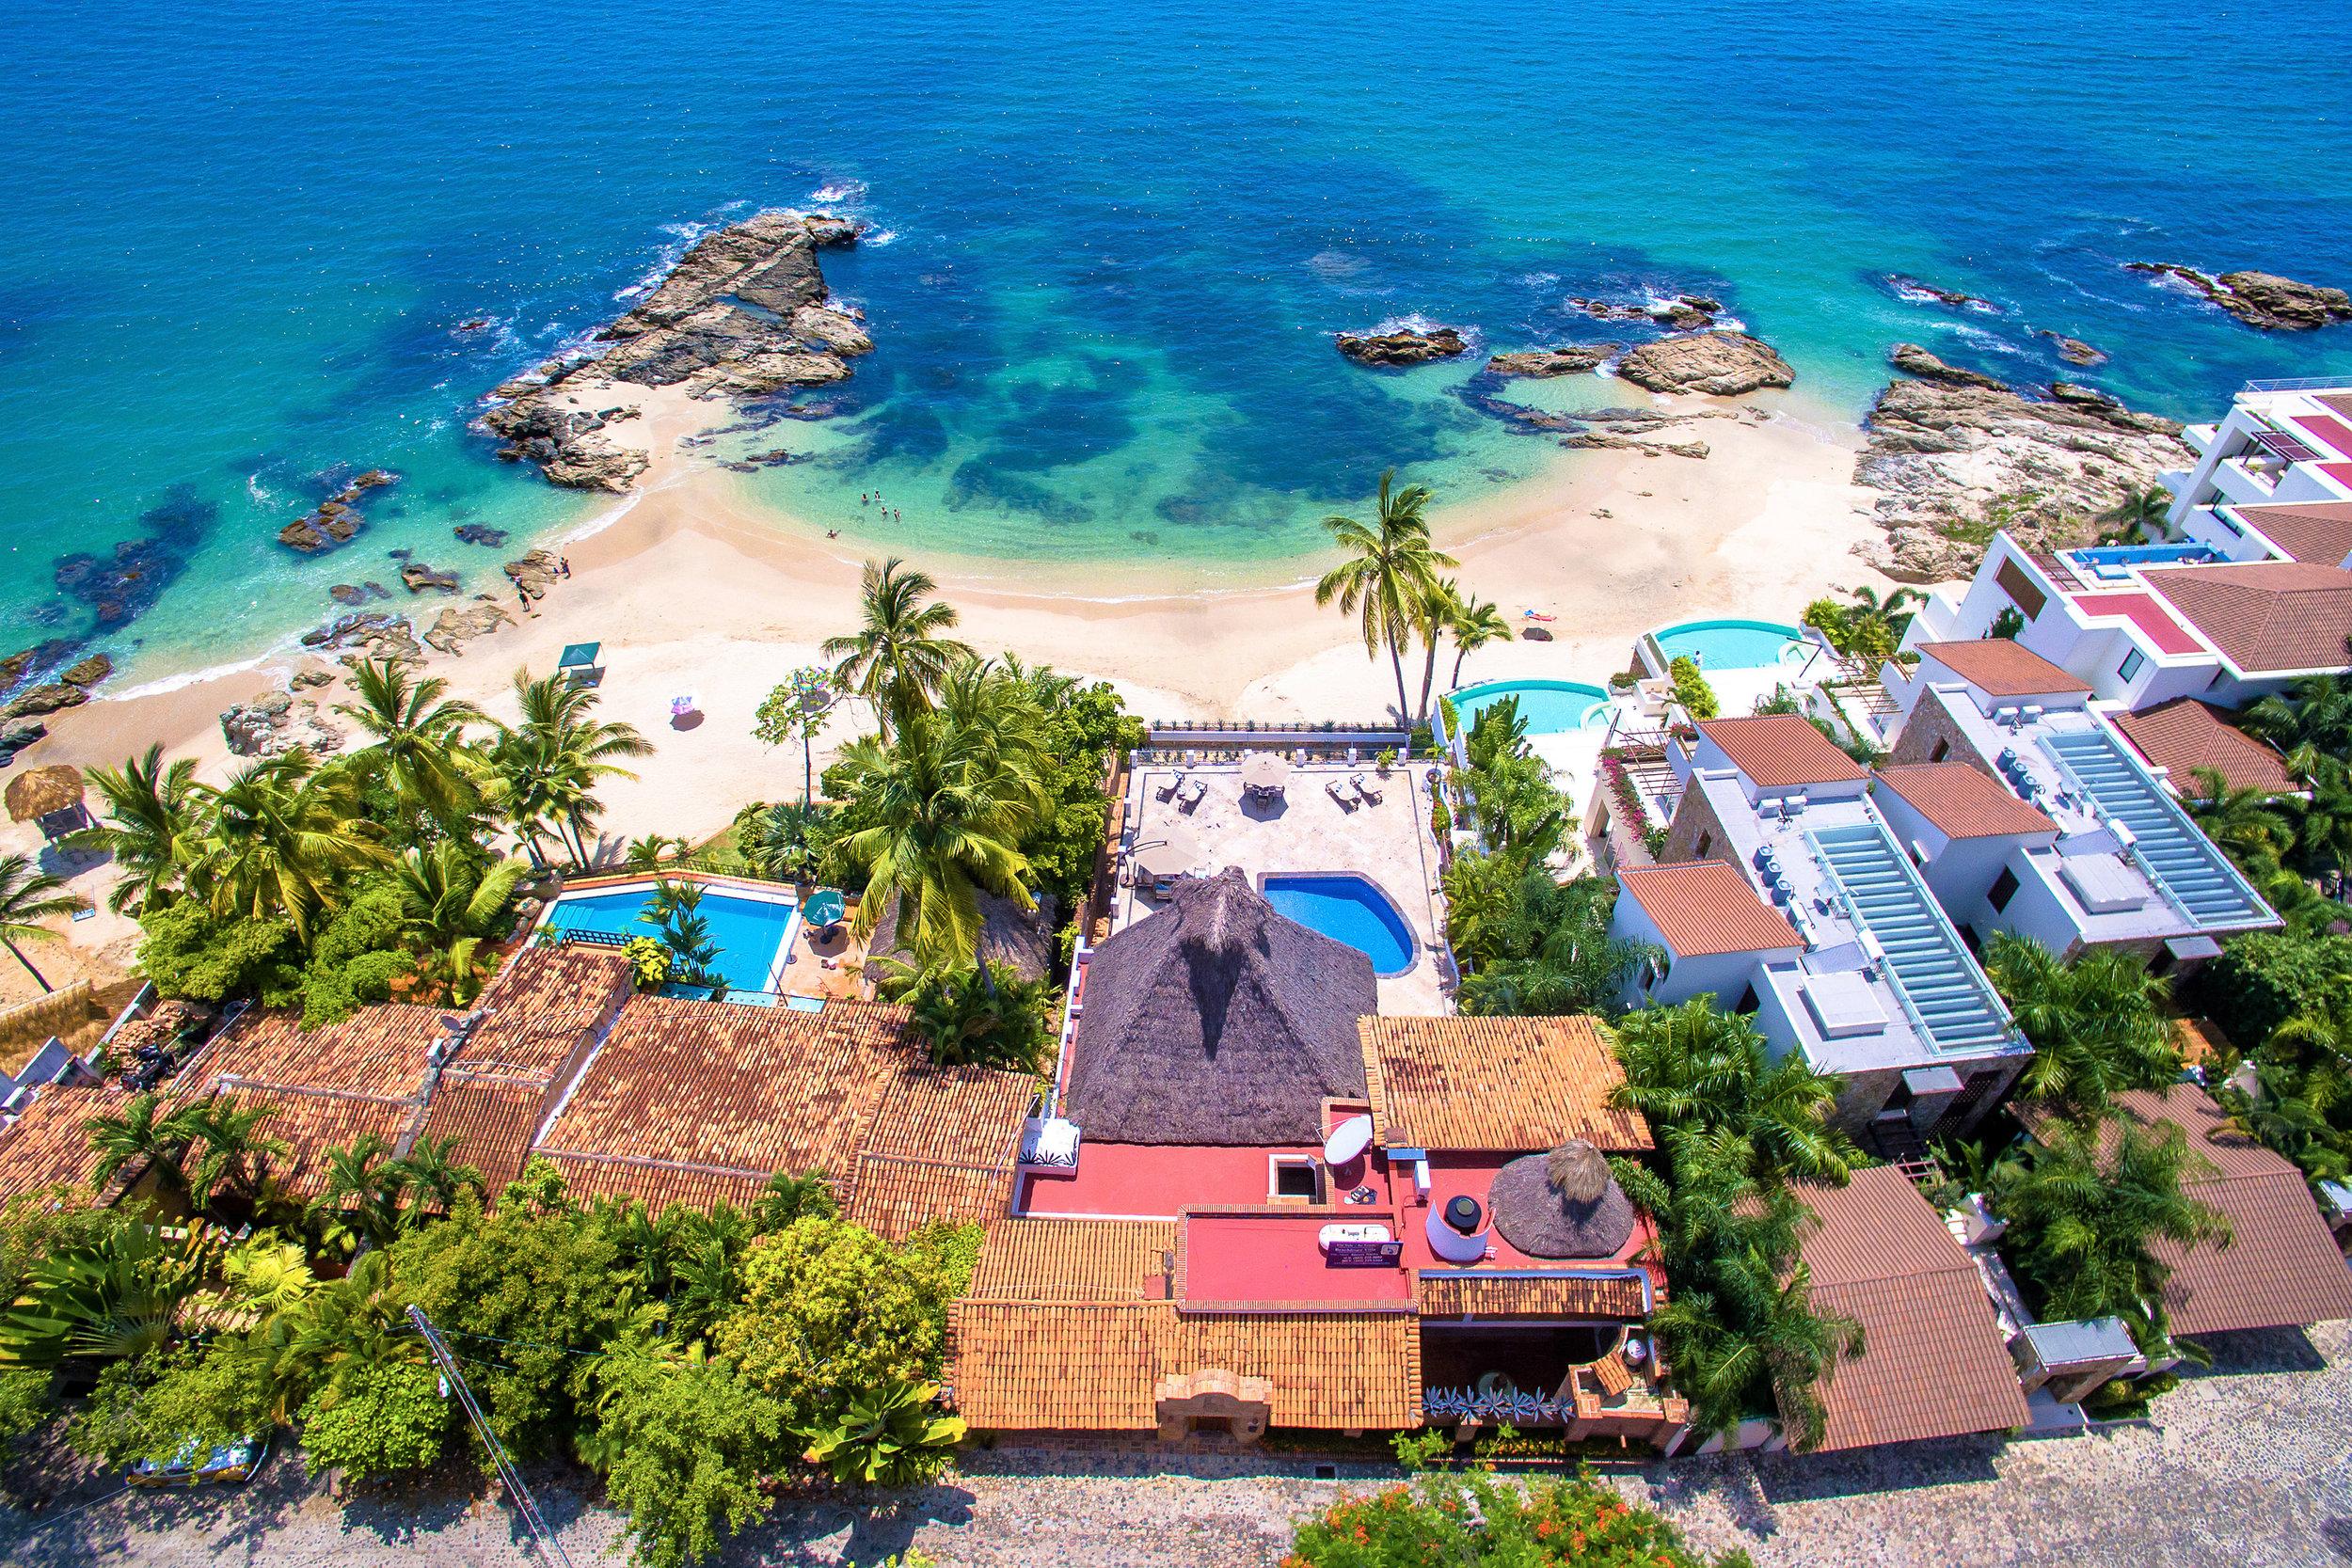 Vacation Vallarta Villa Verde Drone View